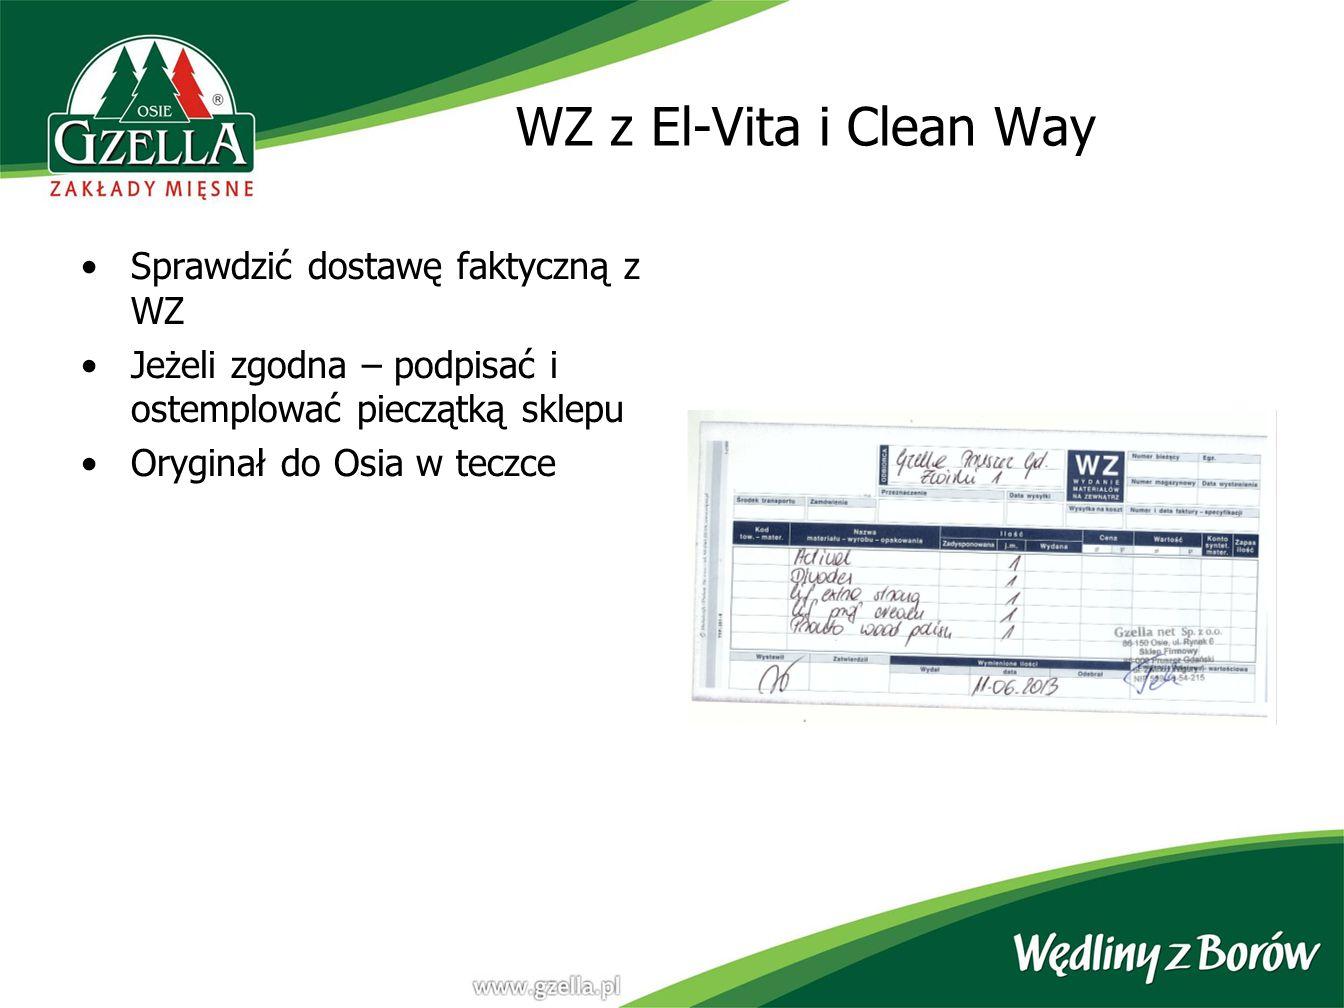 WZ z El-Vita i Clean Way Sprawdzić dostawę faktyczną z WZ Jeżeli zgodna – podpisać i ostemplować pieczątką sklepu Oryginał do Osia w teczce